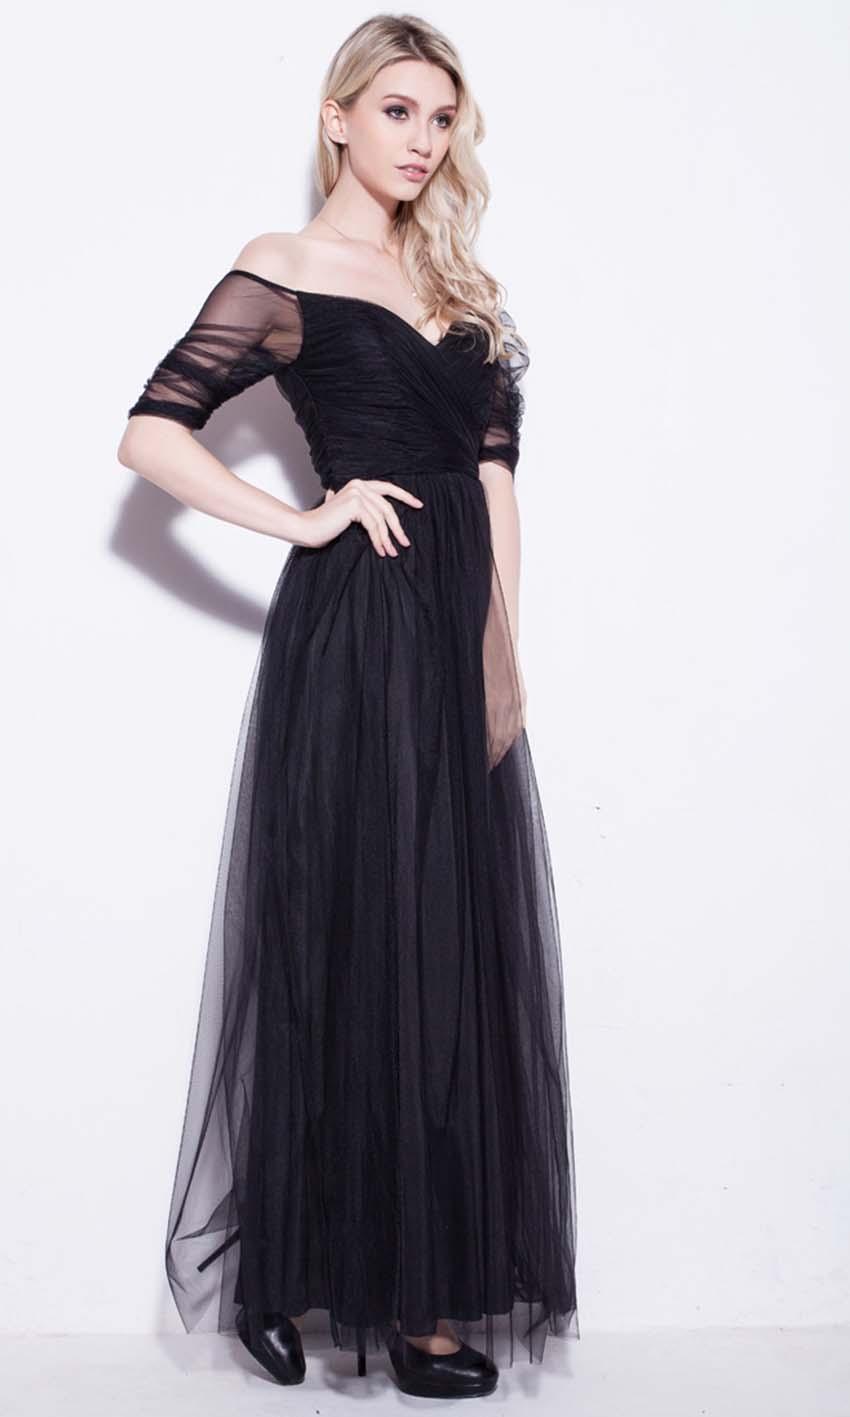 Black Net Off Shoulder Long Prom Dresses UK KSP250 [KSP250] - £92.00 ...